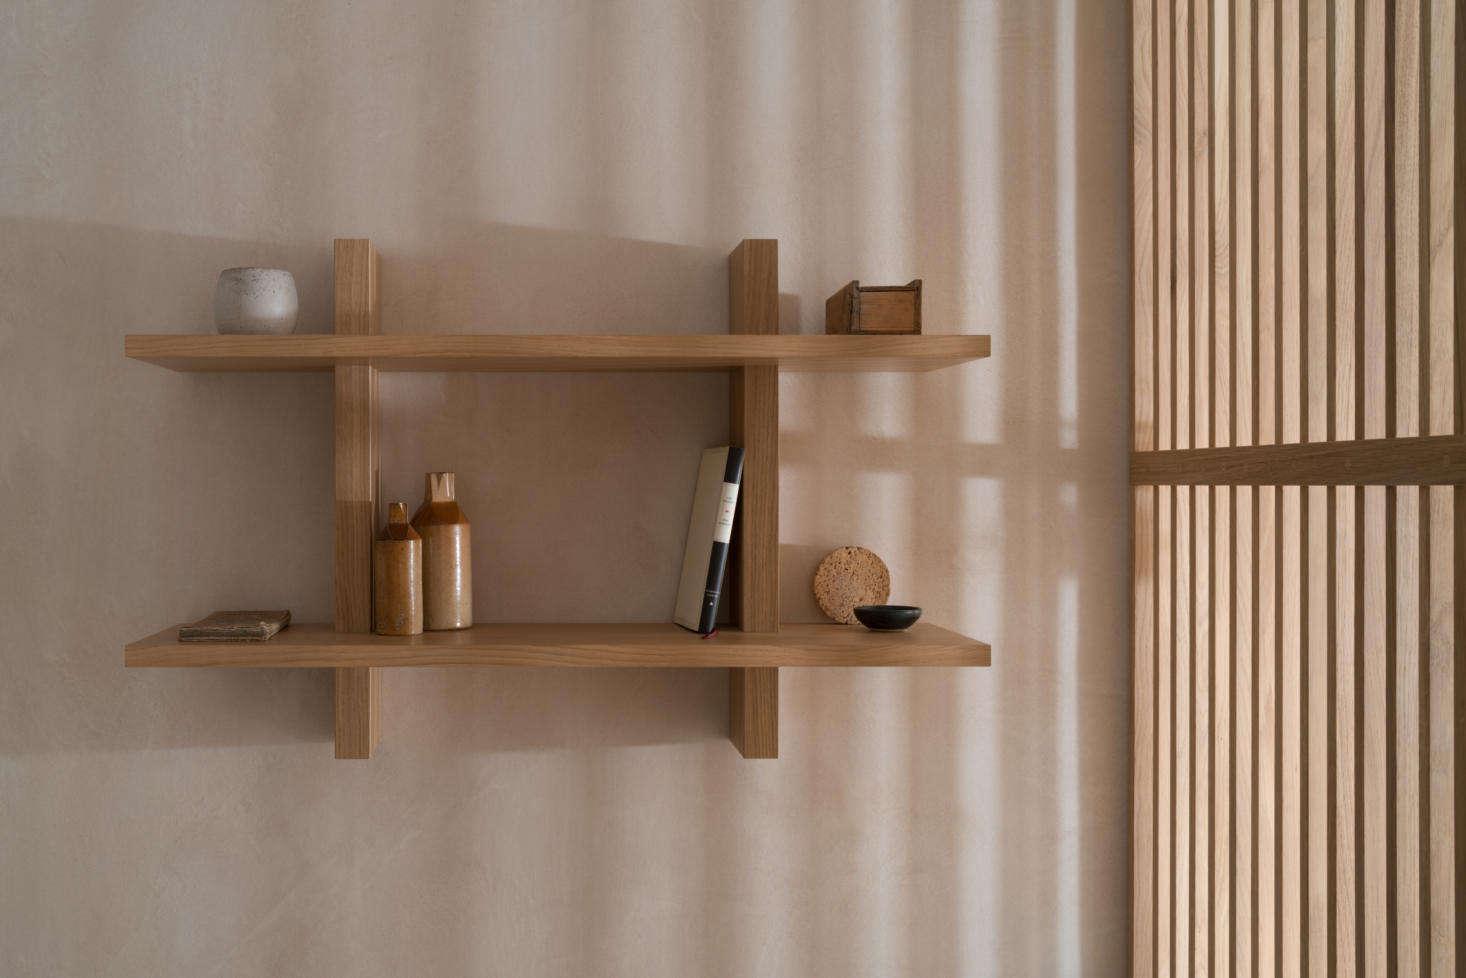 Oak shelving in the bedroom.